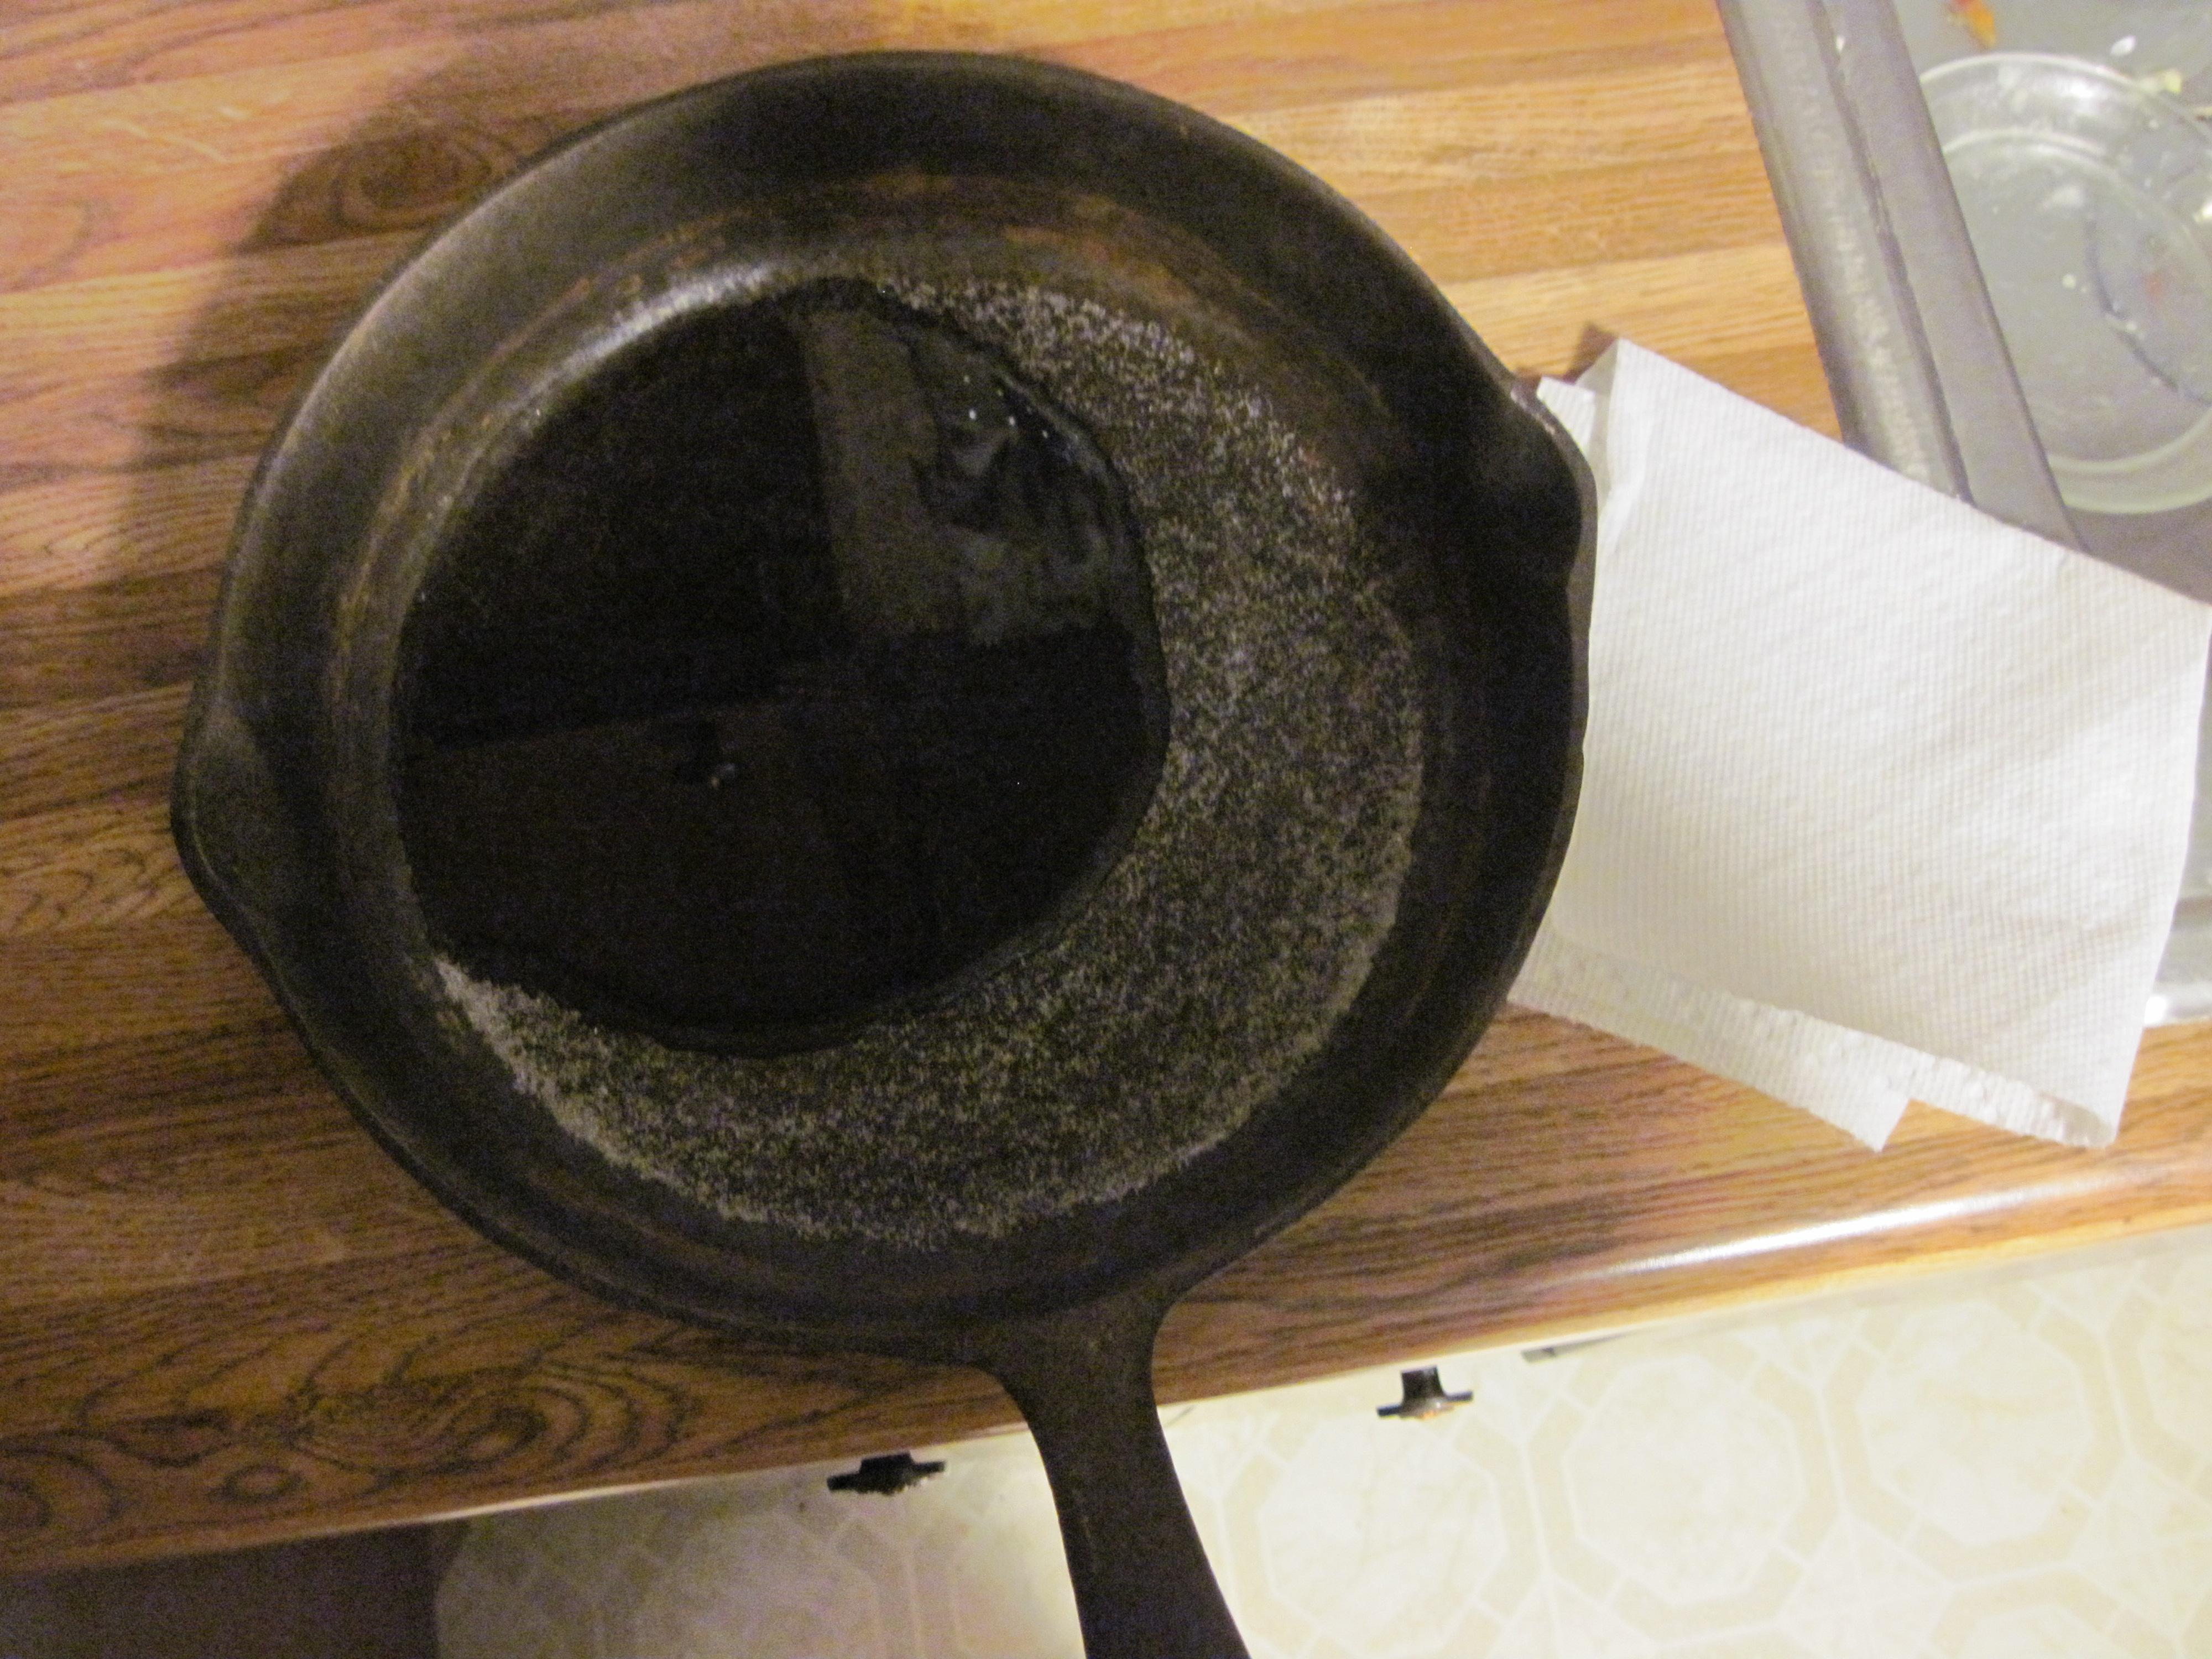 diy restoring a cast iron skillet crazy agnus. Black Bedroom Furniture Sets. Home Design Ideas